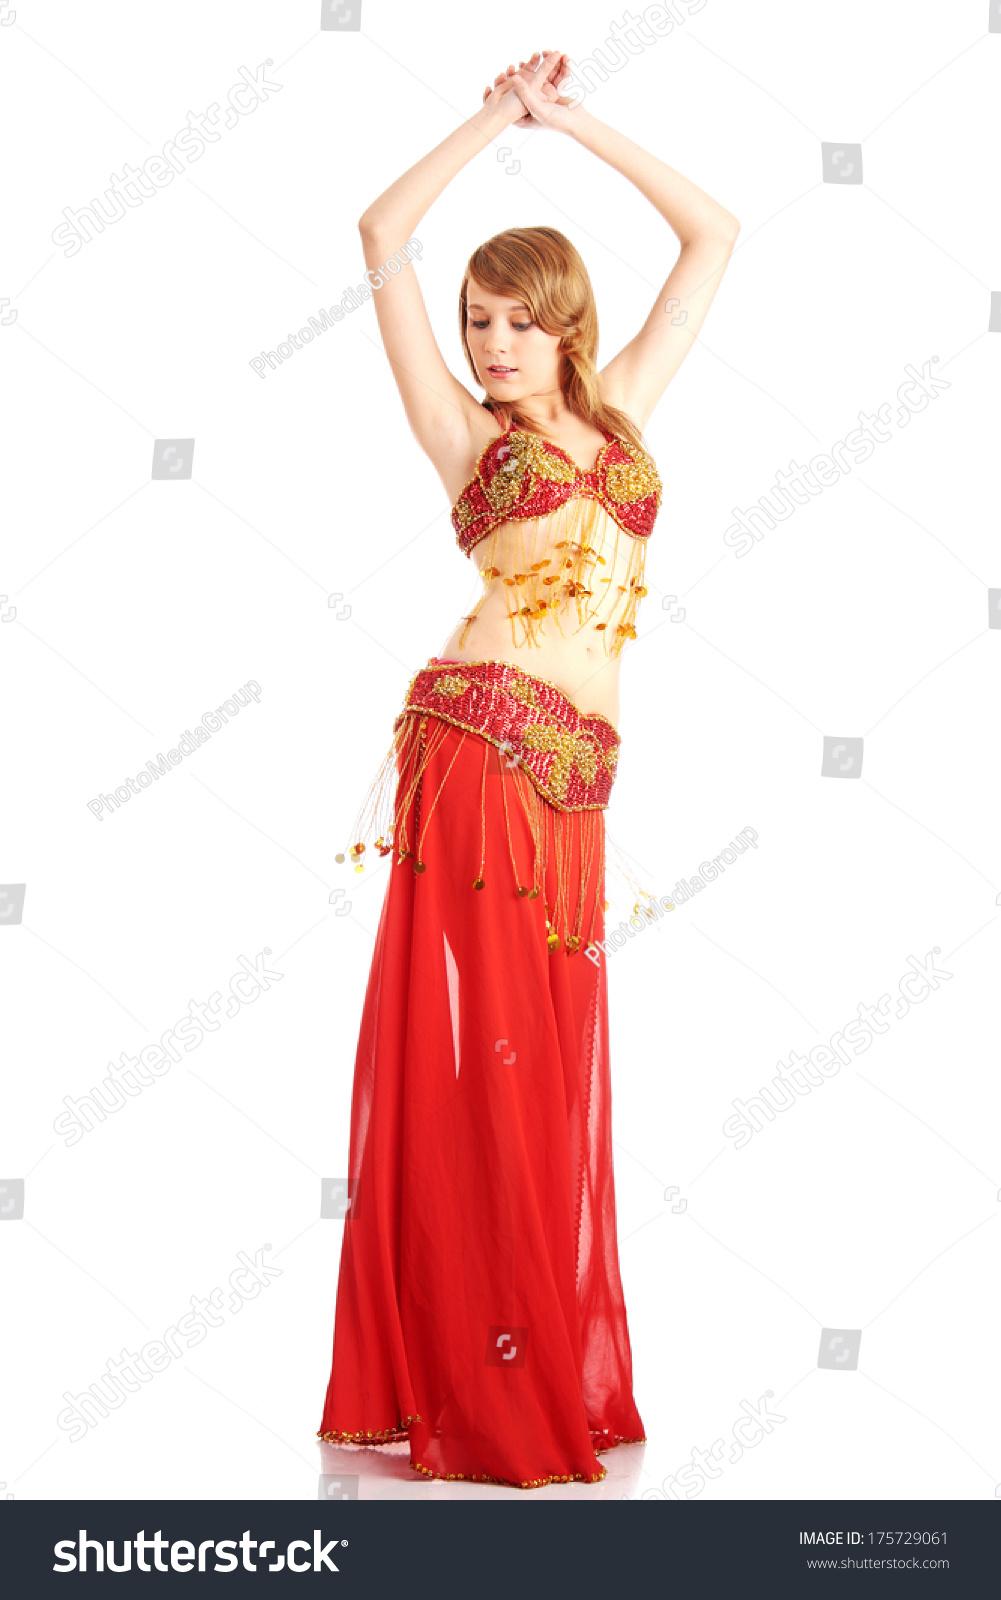 8717fce02e533 Teen girl in belly dancer costume… Stock Photo 175729061 - Avopix.com